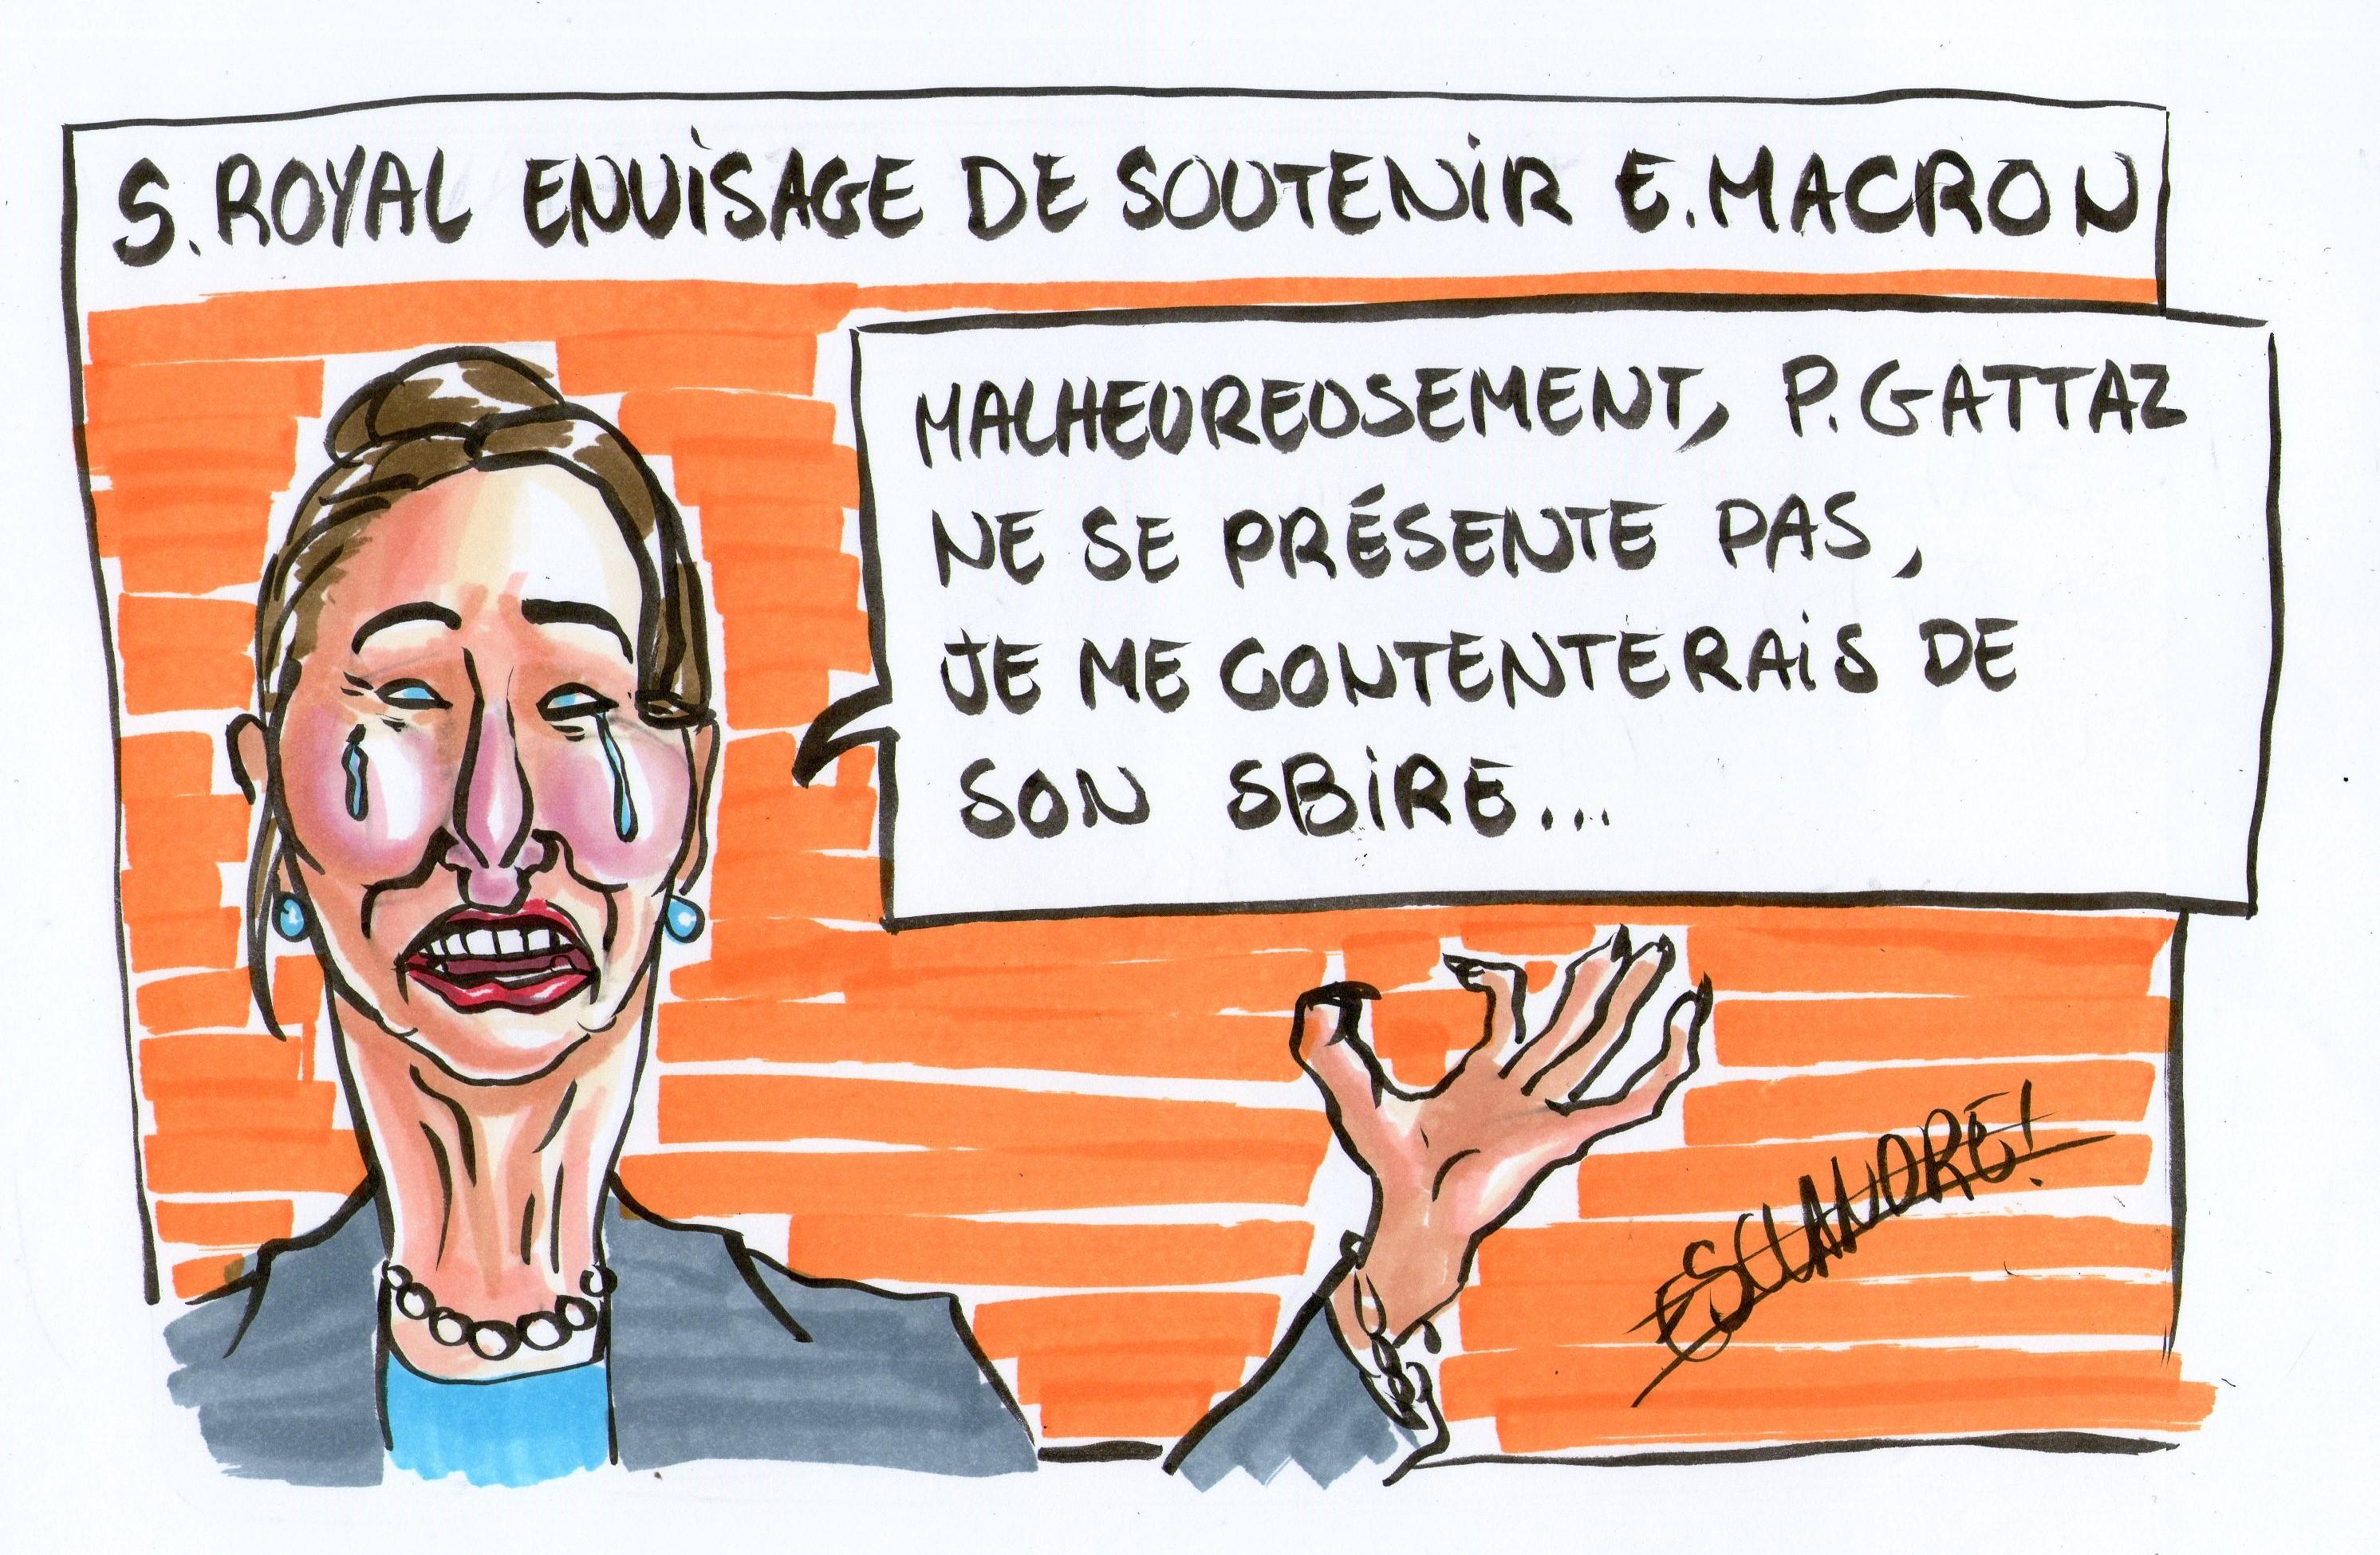 Ségolène Royal envisage de soutenir Emmanuel Macron